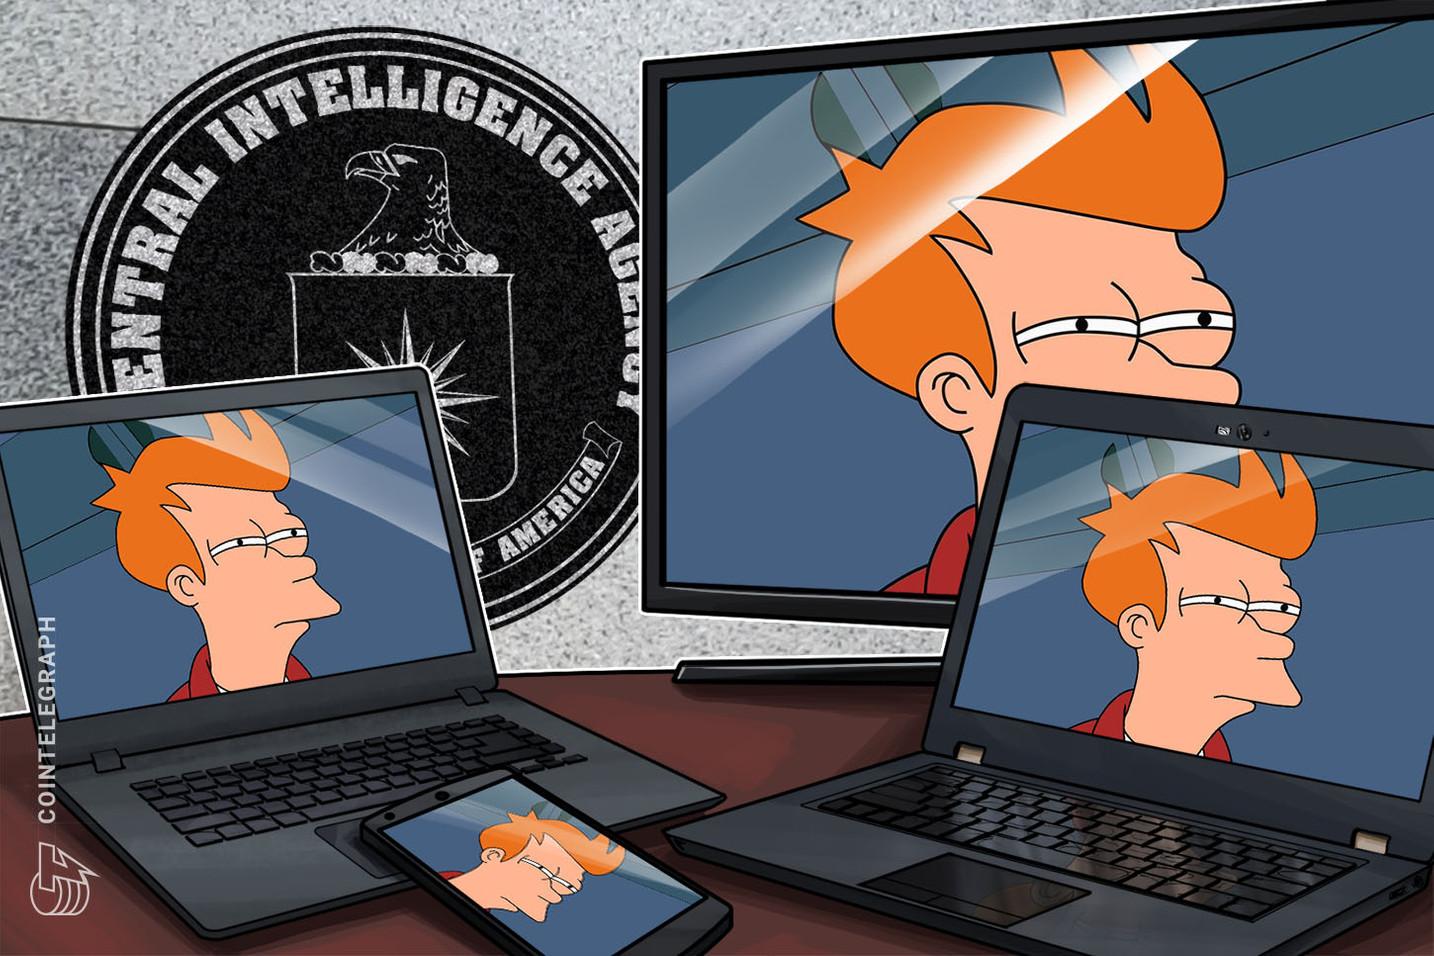 米国の安全保障にとって「最大の脅威」は「ロシア」や「気候変動」でなく「ブロックチェーン」=元CIA諜報員